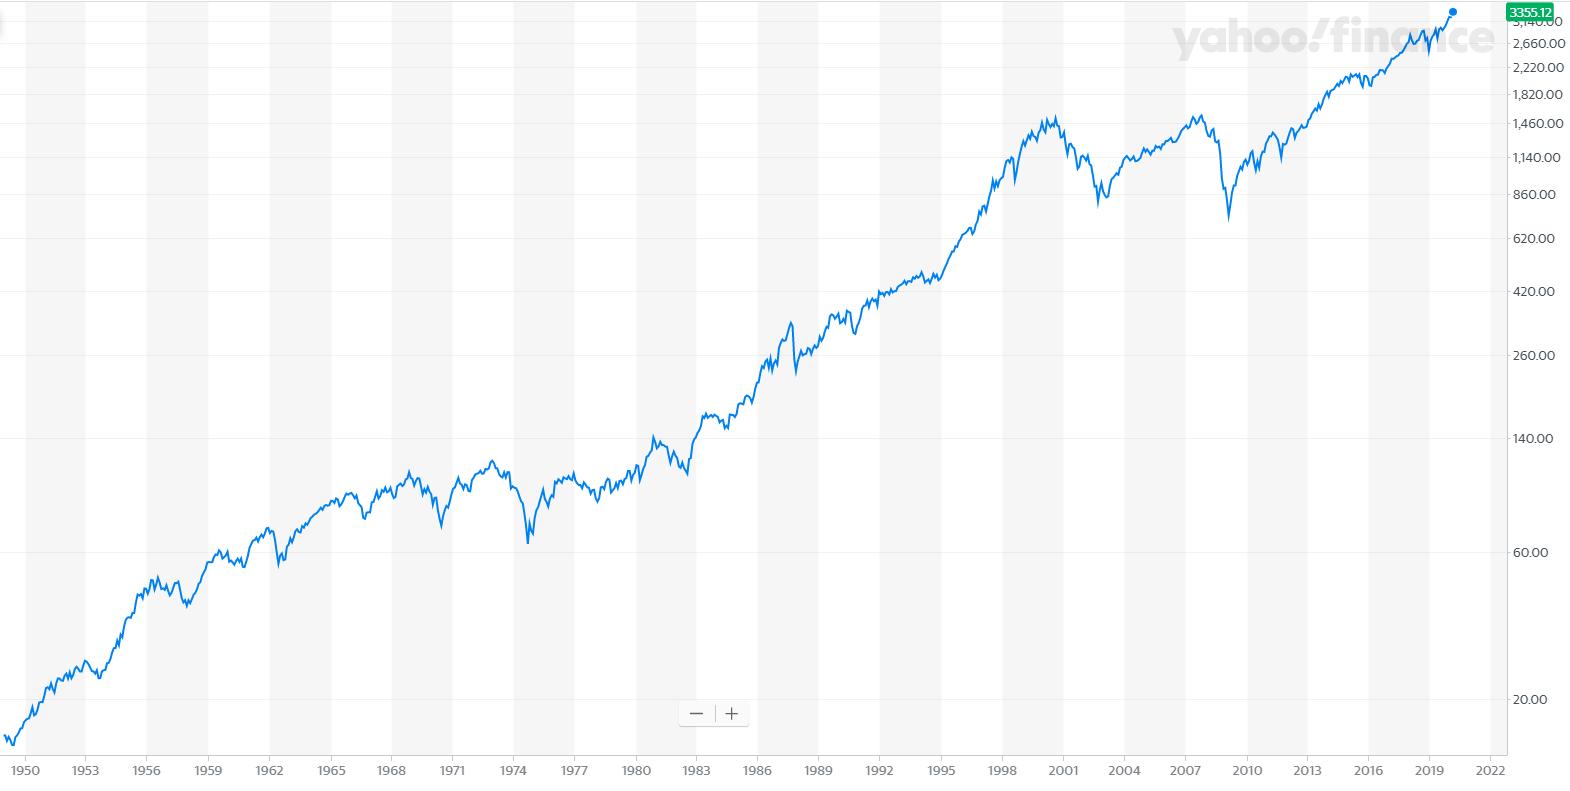 מדד ה- S&P500, בין השנים 1950 ועד 2020